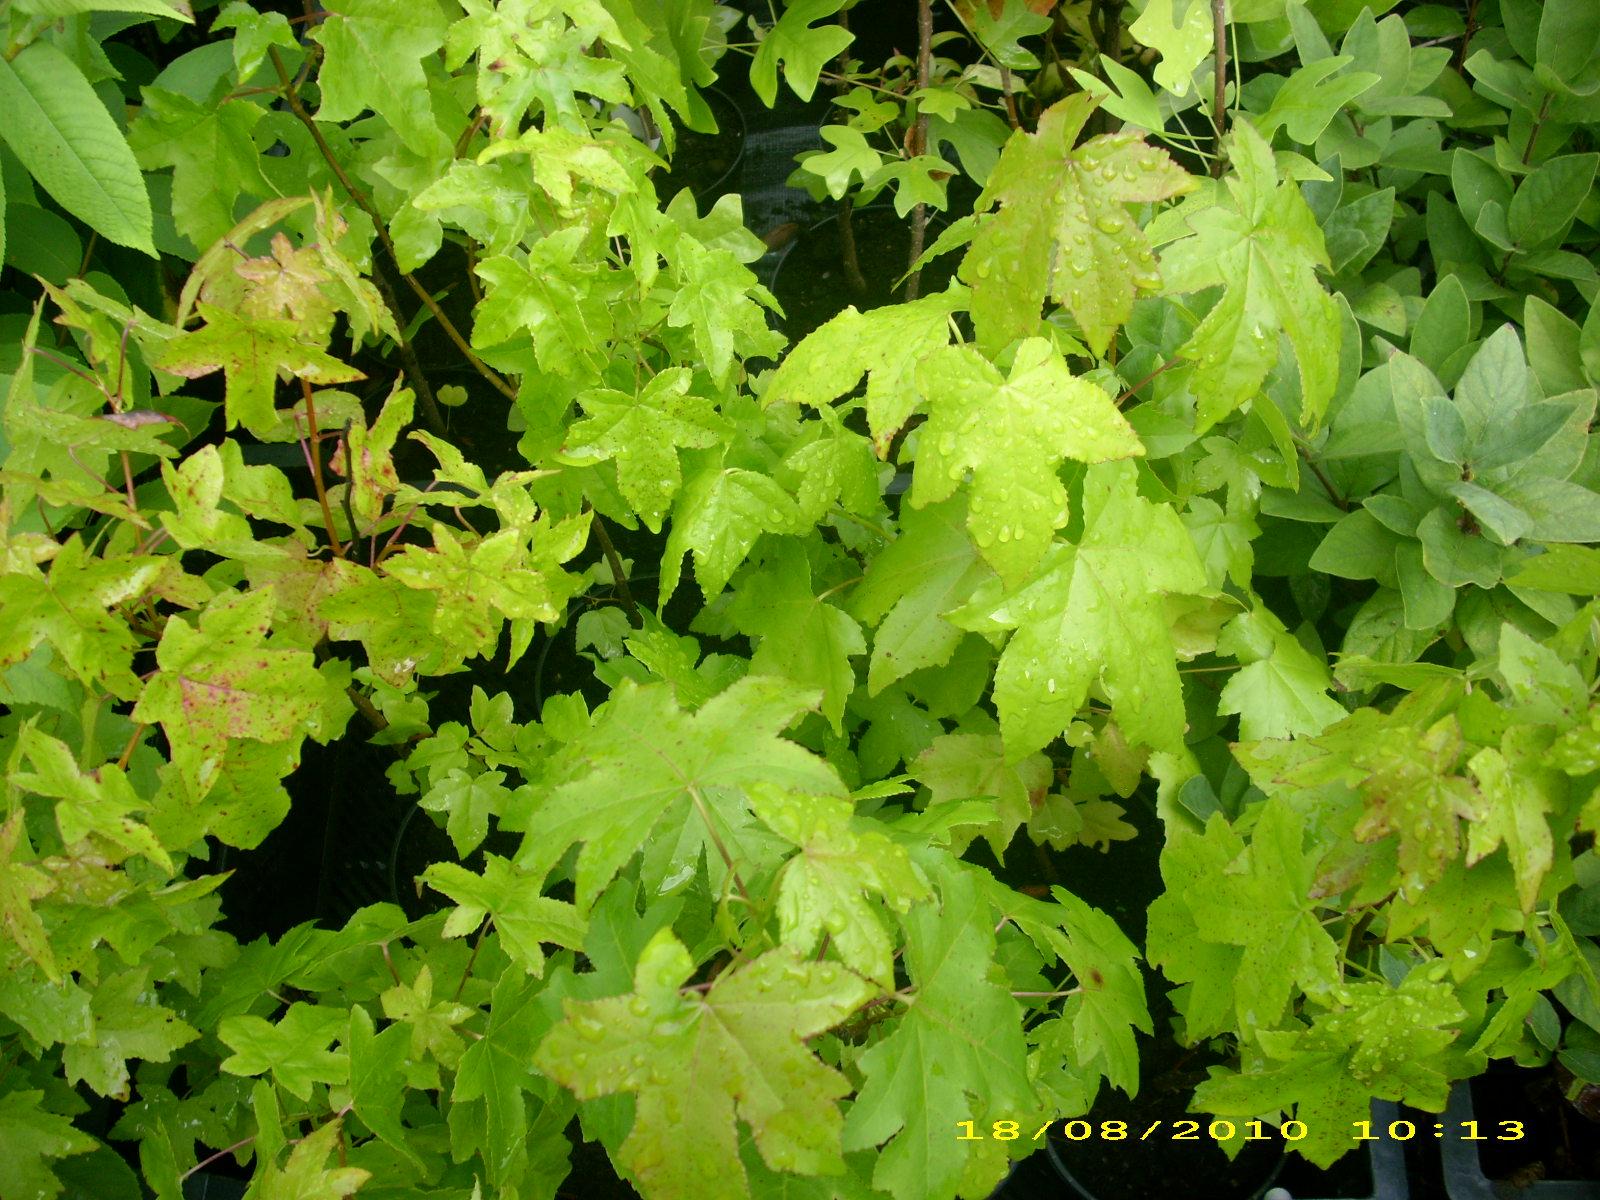 wildobstschnecke liquidambar styraciflua amerikanischer amberbaum. Black Bedroom Furniture Sets. Home Design Ideas